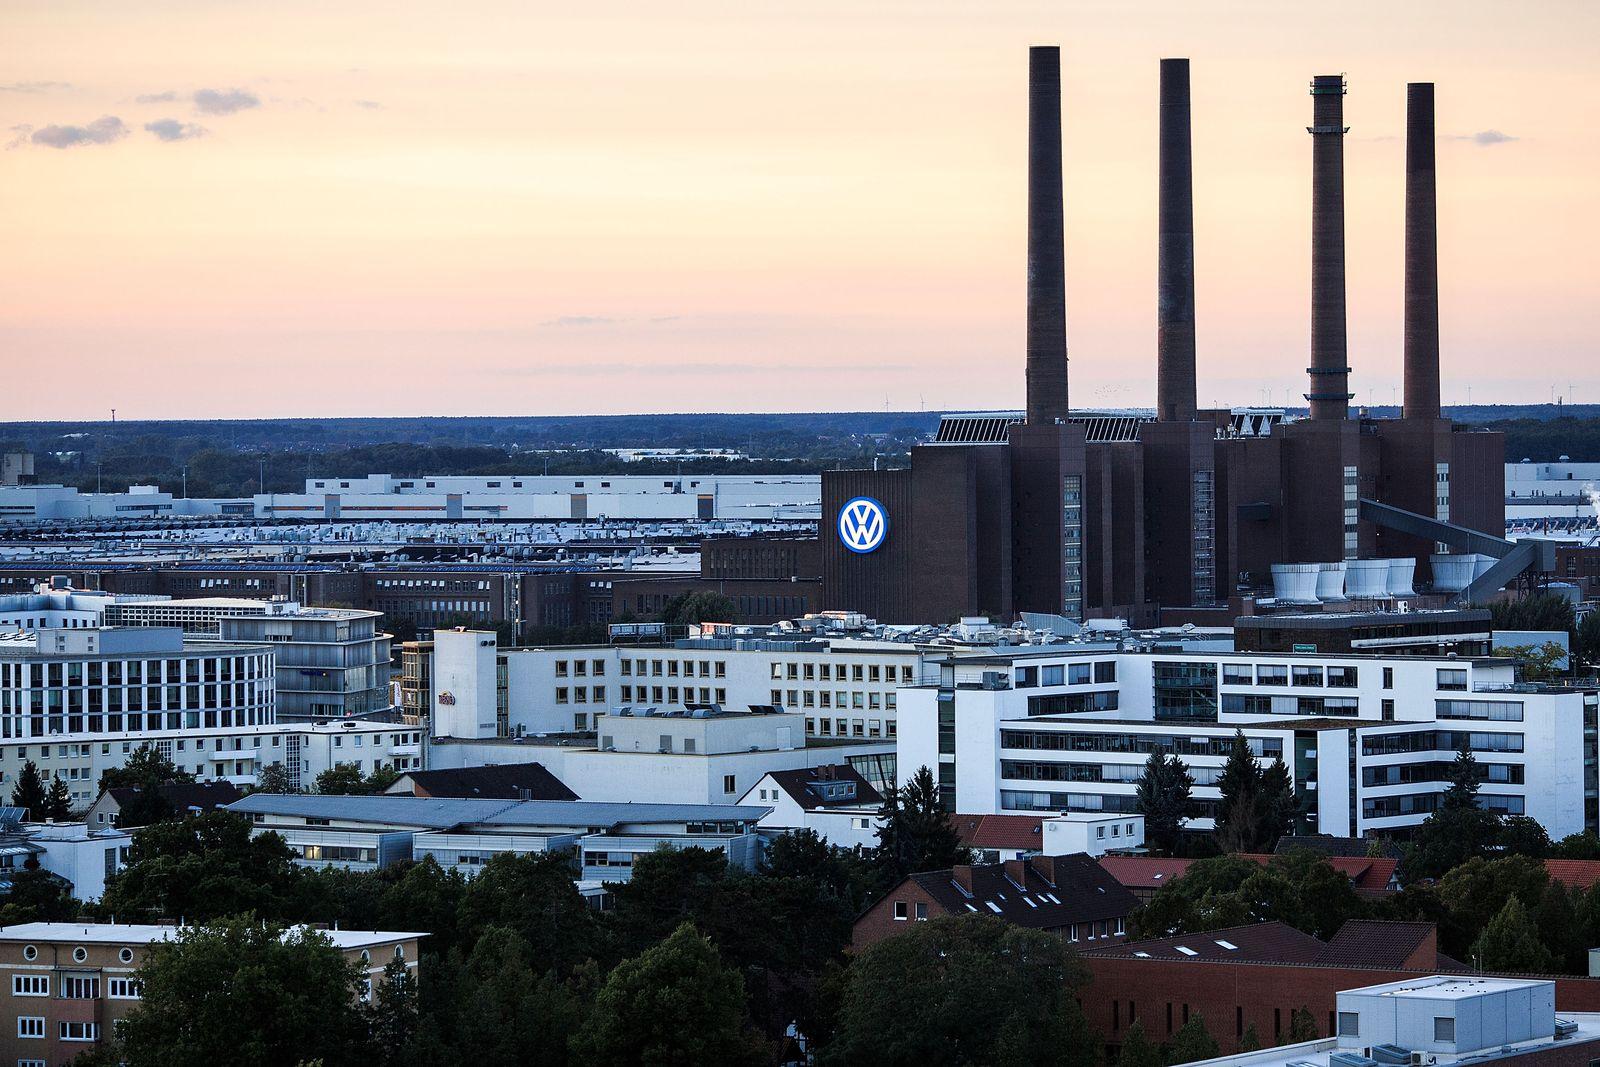 Wolfsburg Volkswagen